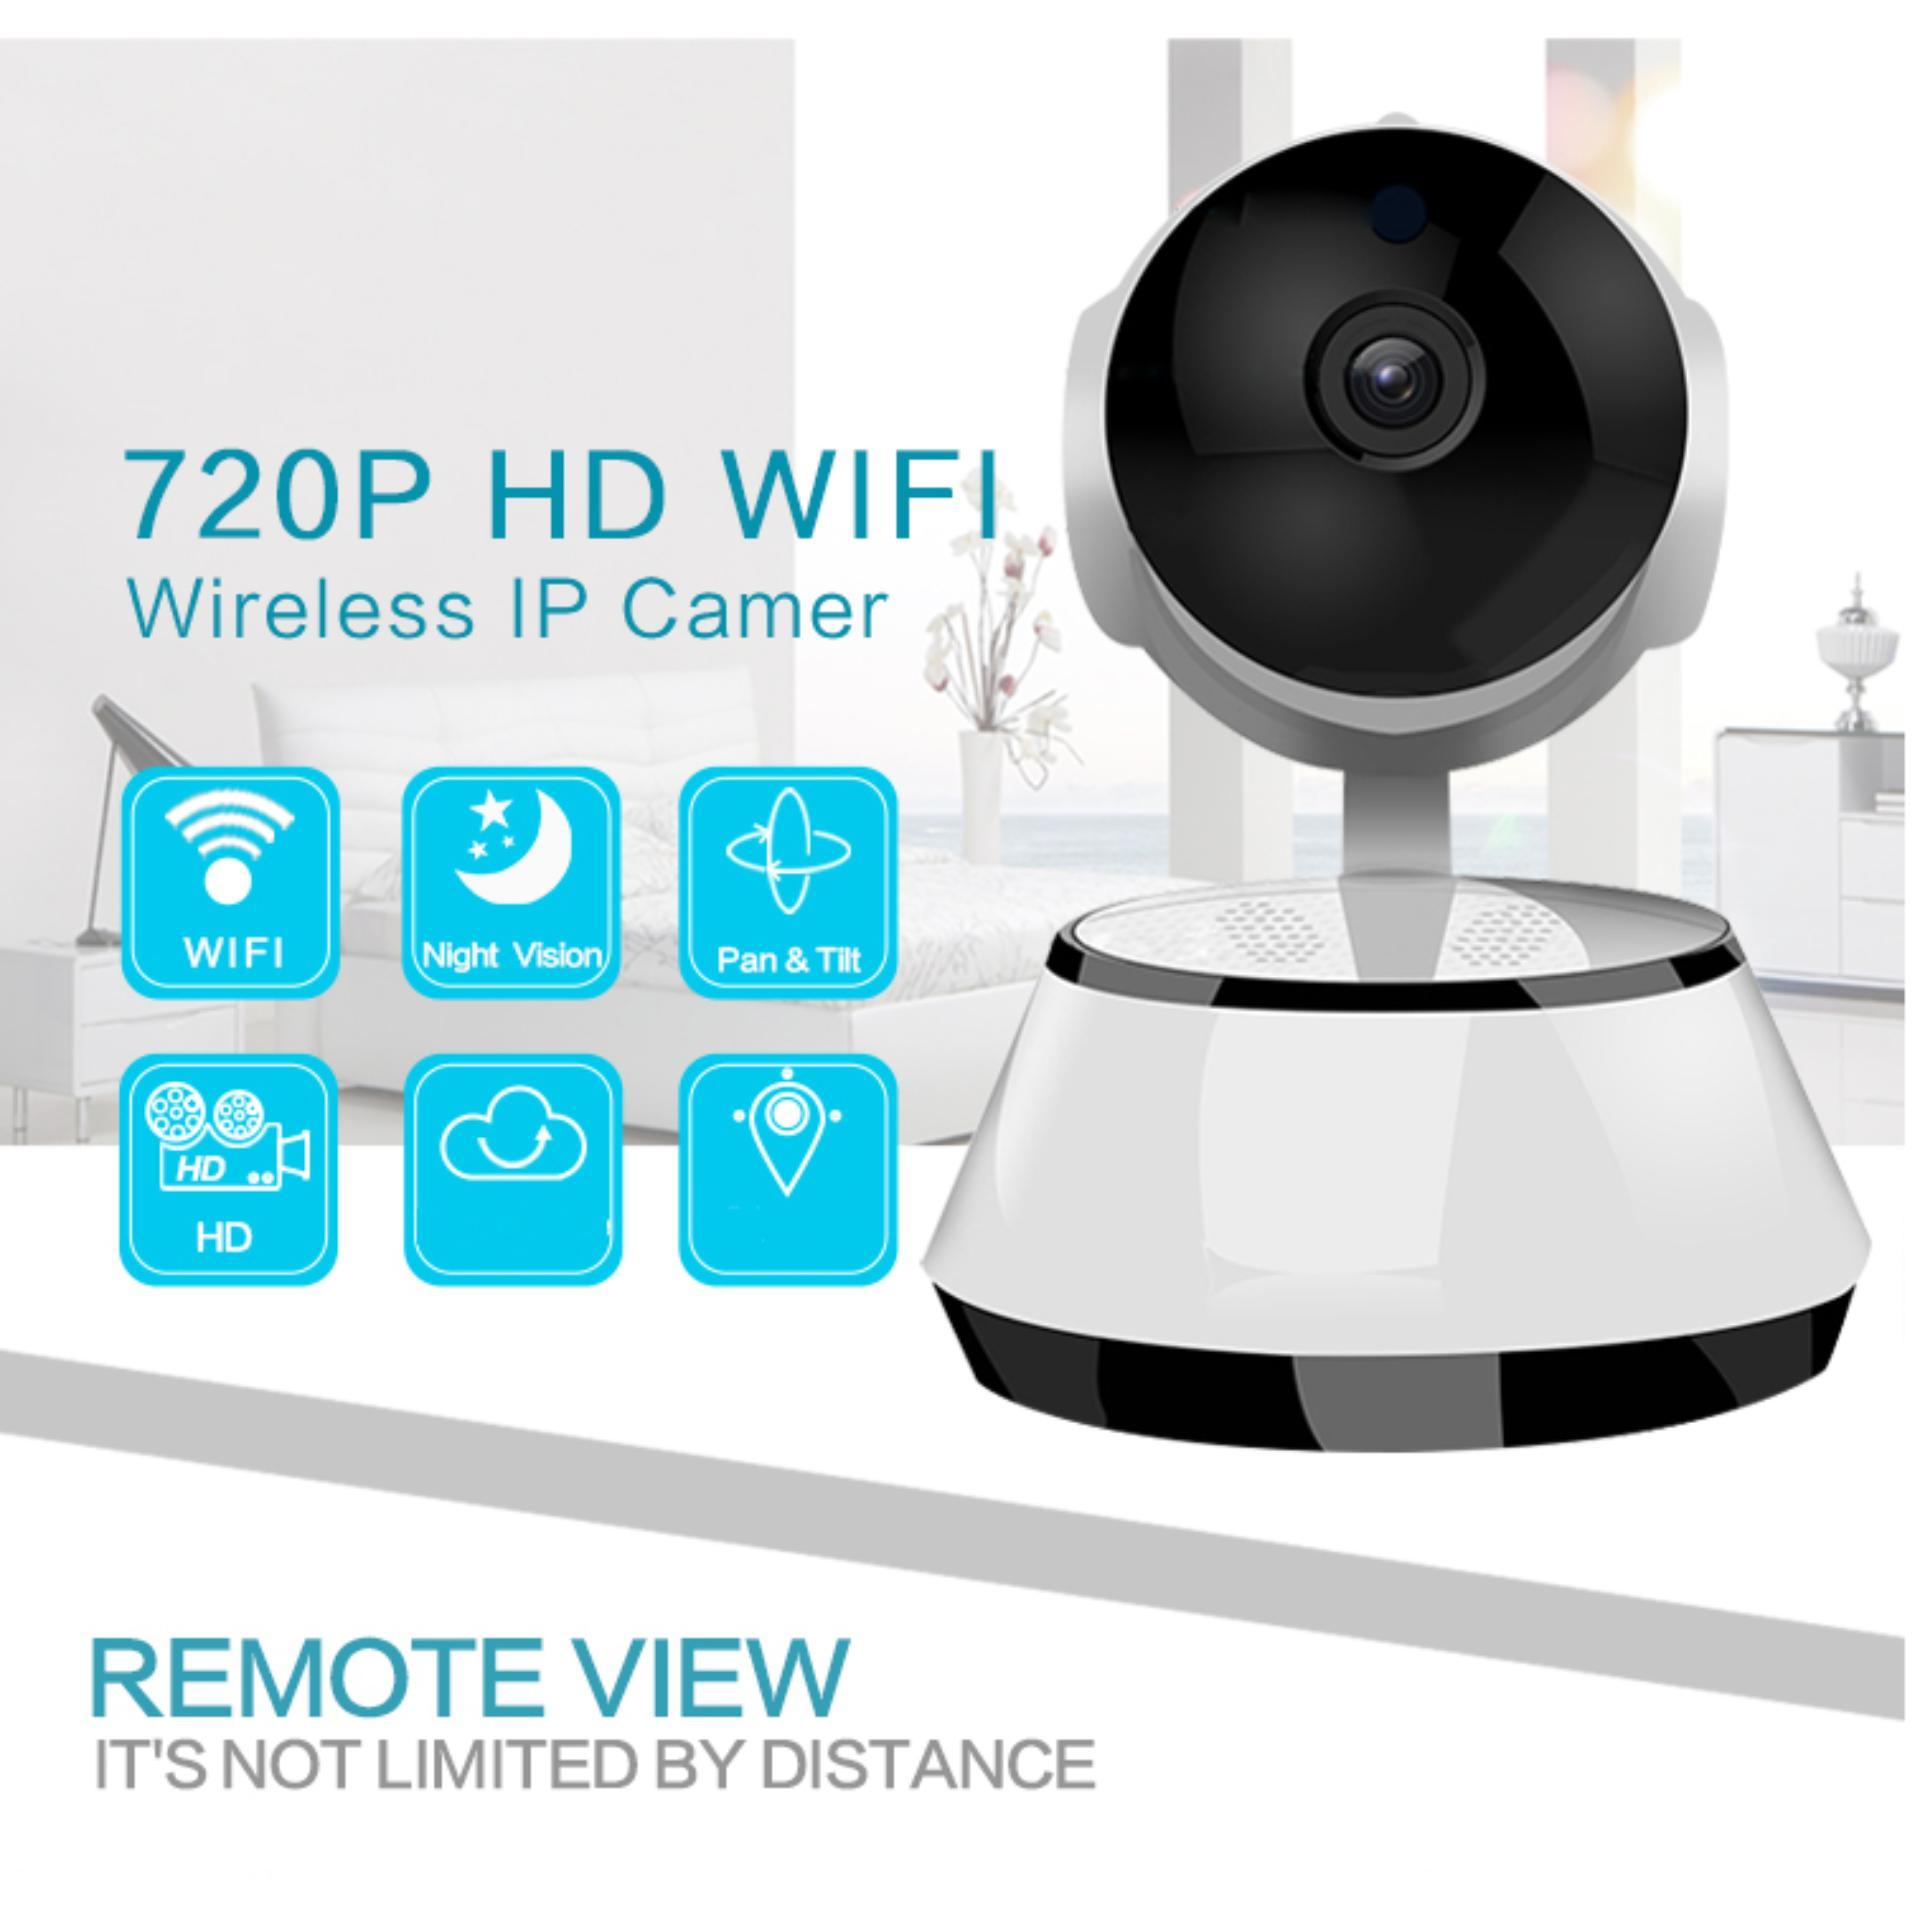 Camera Ip Wifi Trong Nha Xoay 360 Độ V380 Đam Thoại 2 Chiều Bh 12 Thang Oem Chiết Khấu 50